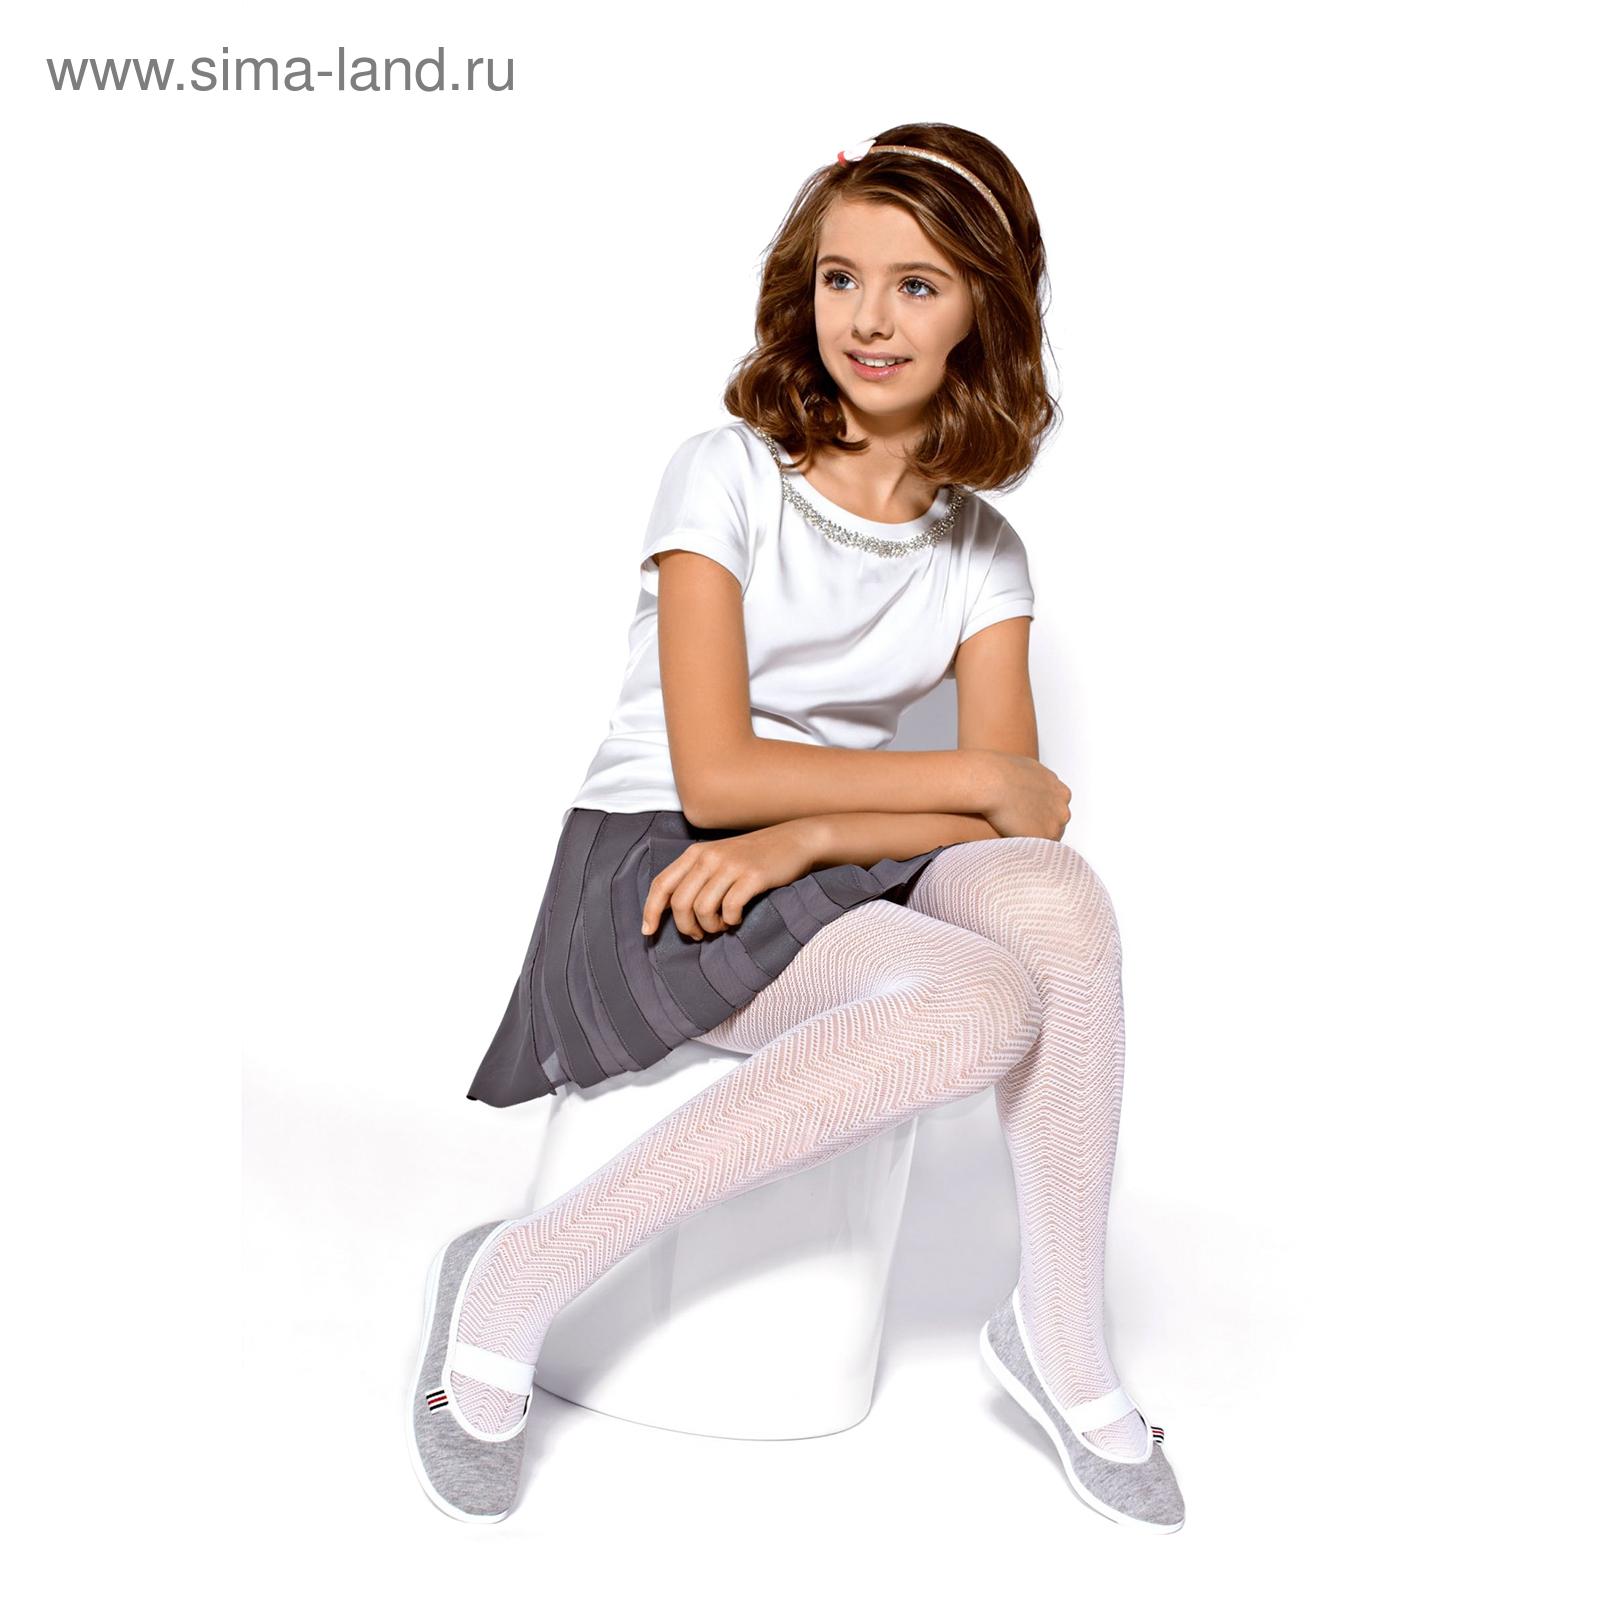 f94f5db66255 Колготки детские нарядные NANCY цвет белый (bianco), рост 116-122 ...